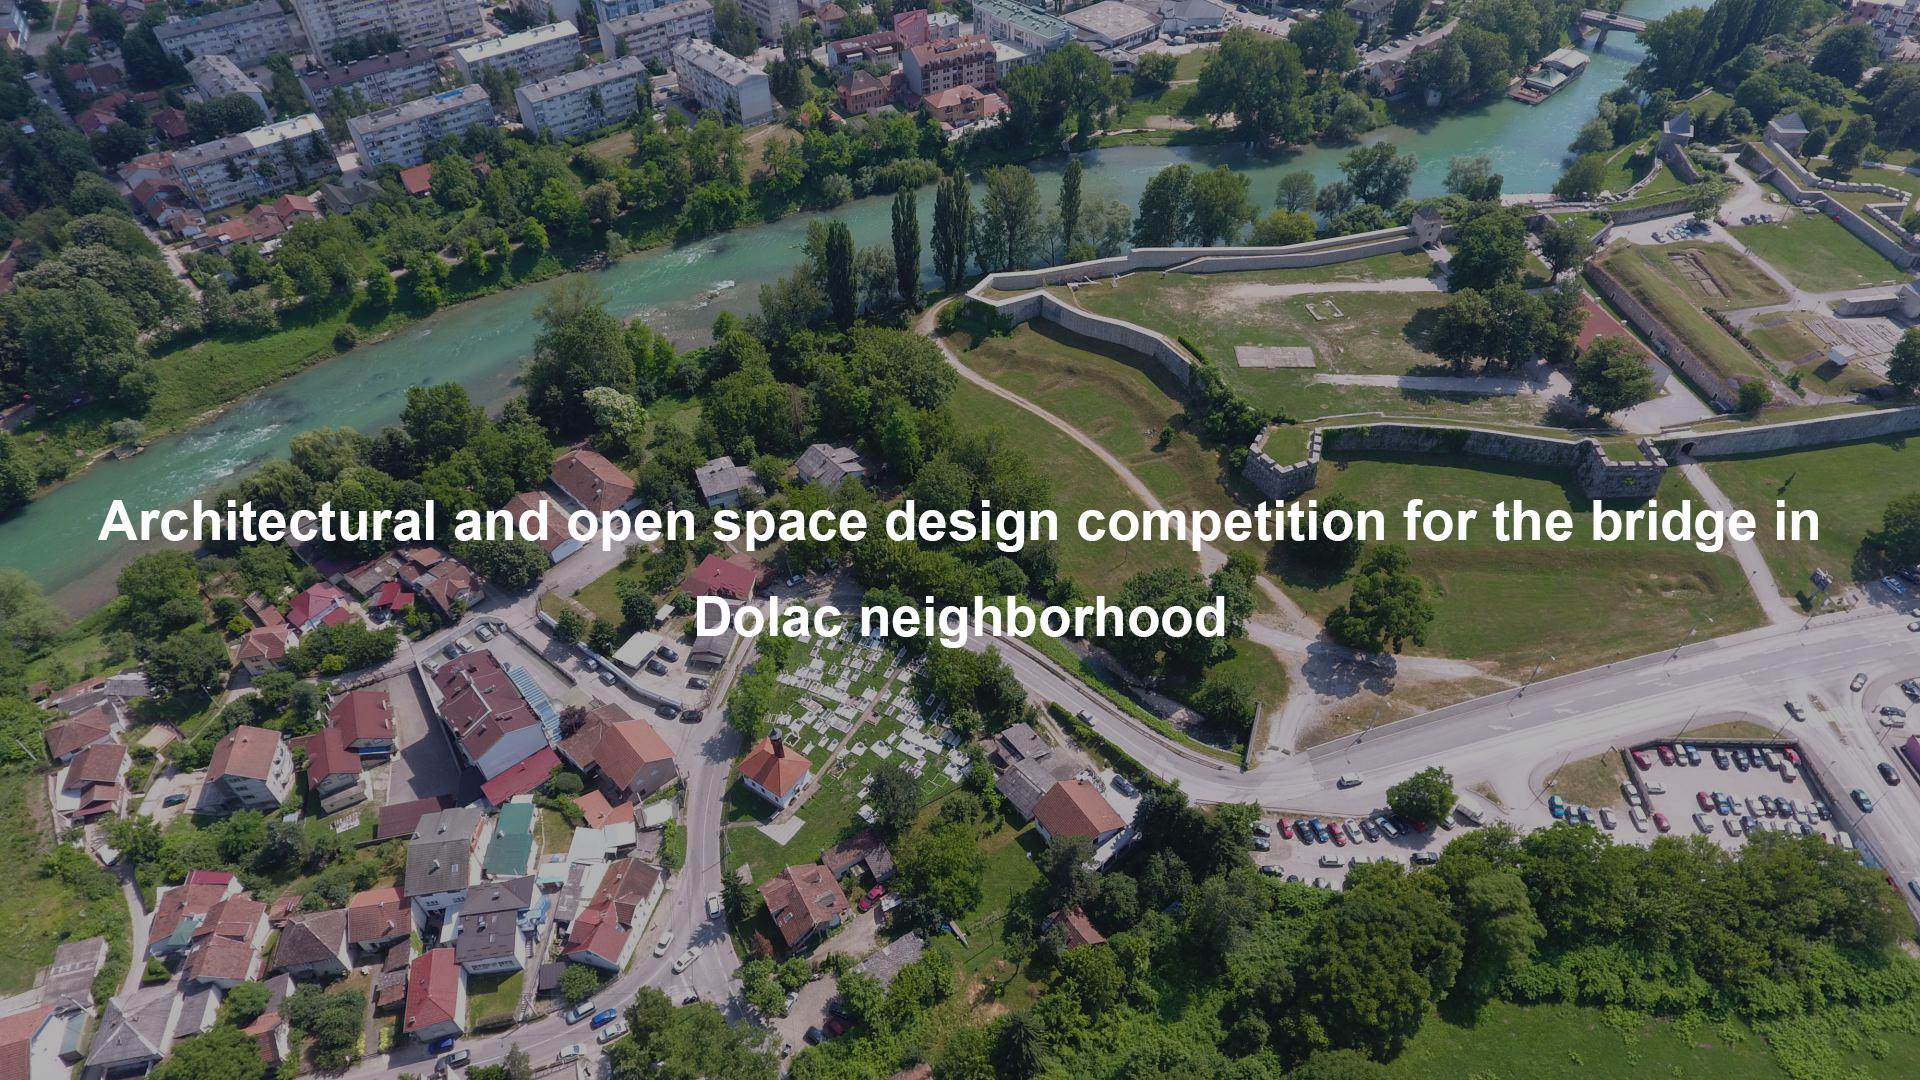 波黑巴尼亚卢卡市Dolac社区桥梁概念设计